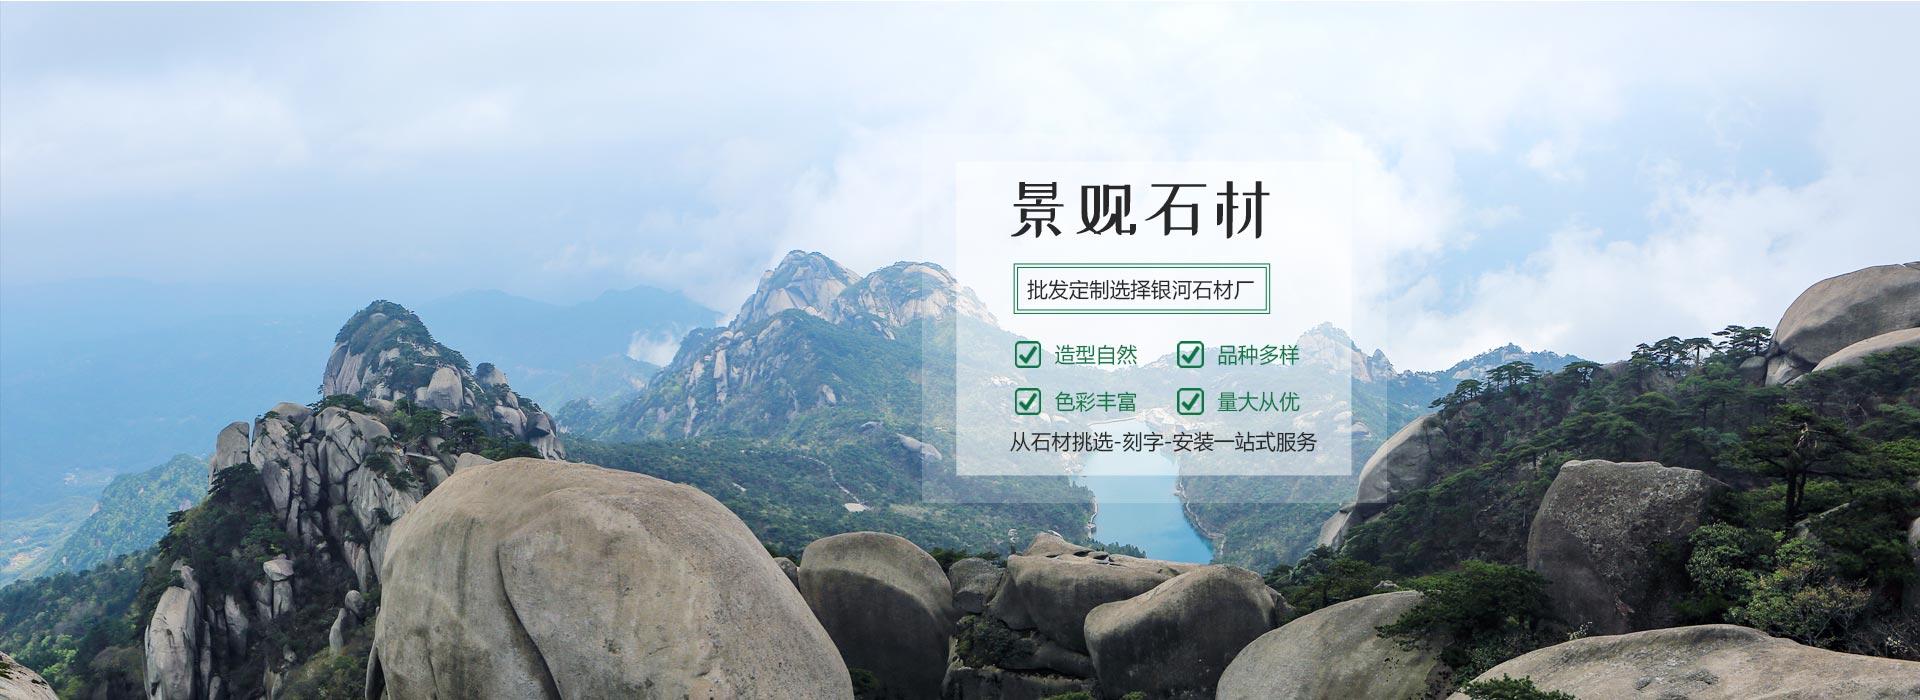 河南晚霞红景观石